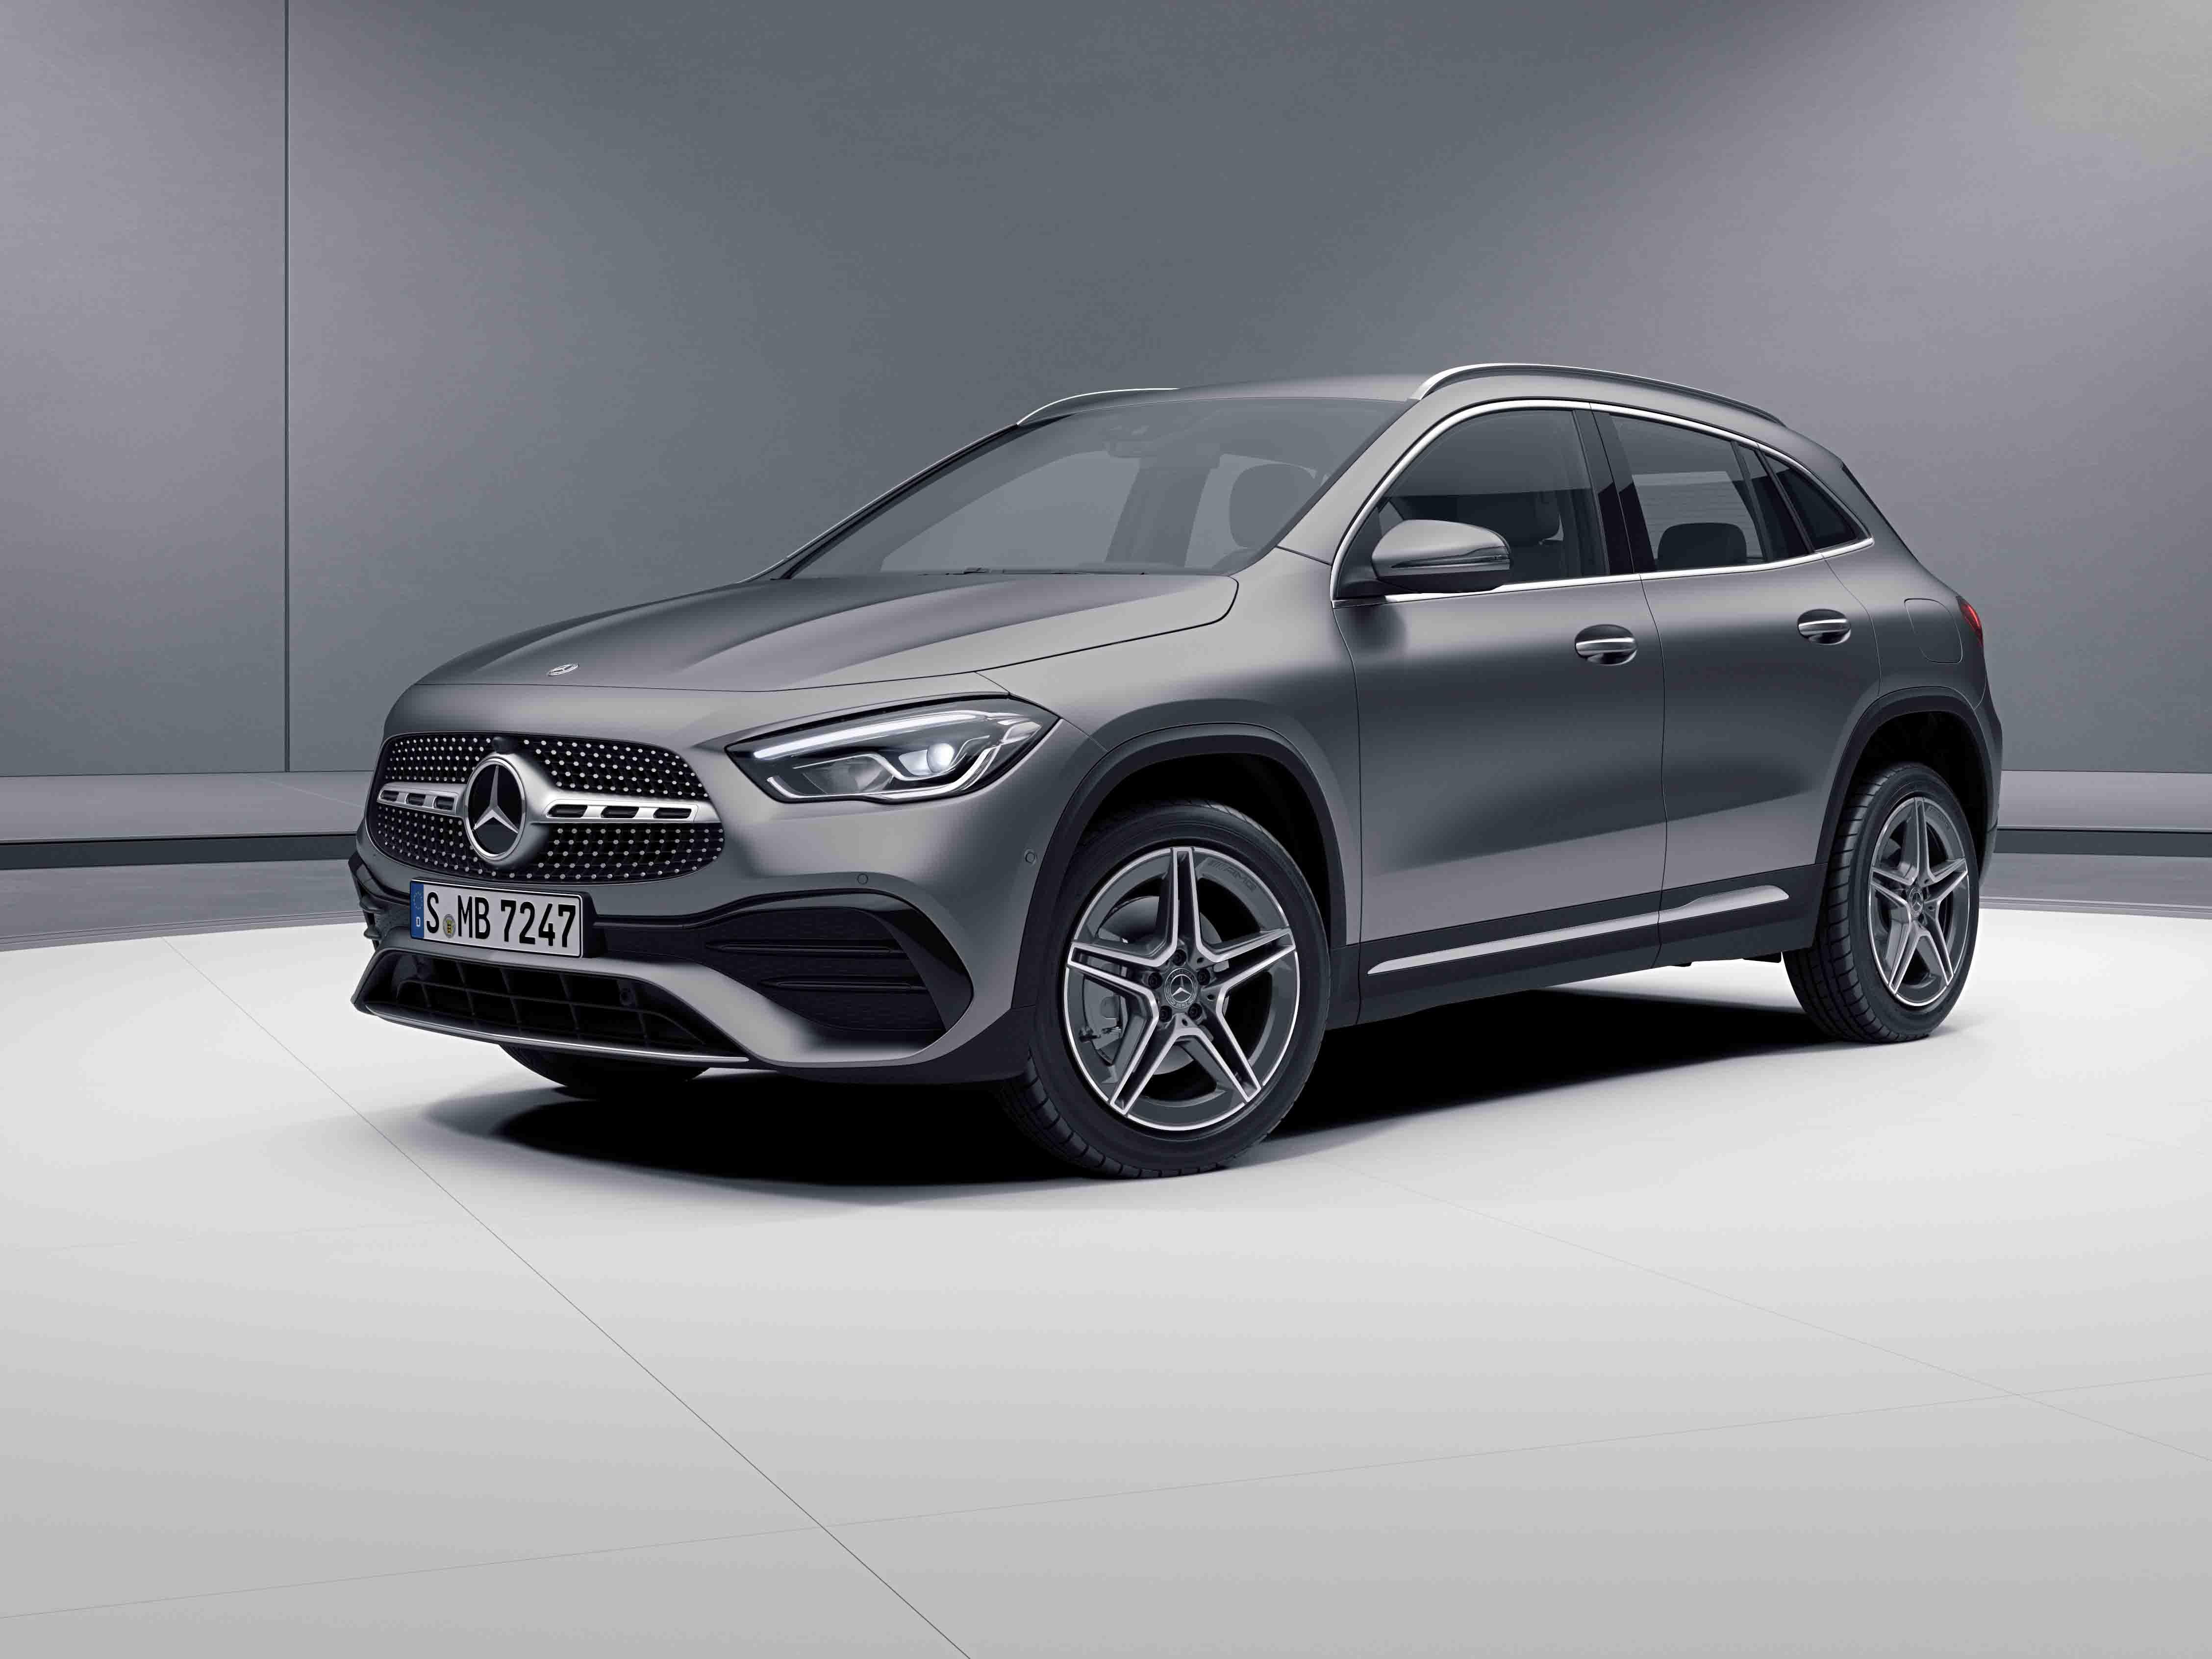 Vue de trois quarts de profil de la Mercedes-Benz GLA avec la peinture designo - gris montagne magno